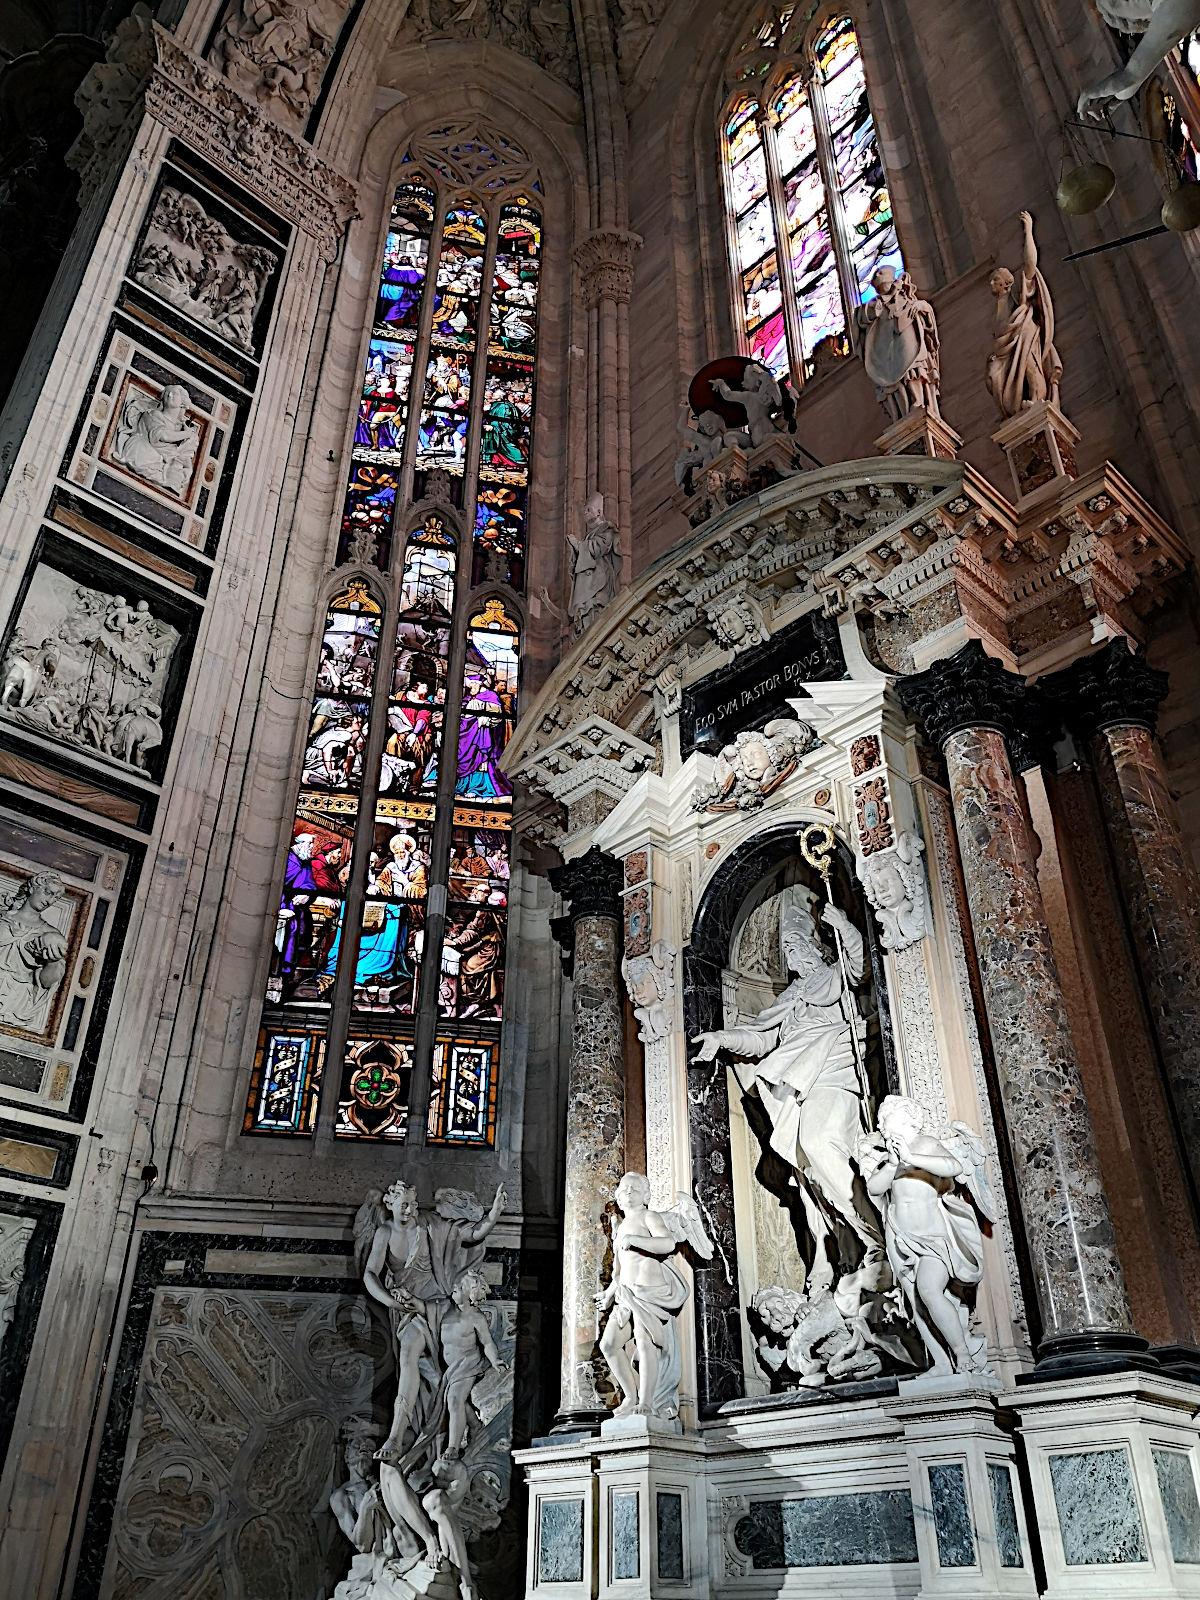 Die Fenster wurde von der Sonne bunt erleuchtet und bildeten einen tollen Kontrast zum inneren Grau des Gotteshauses. (Foto: Ruti)